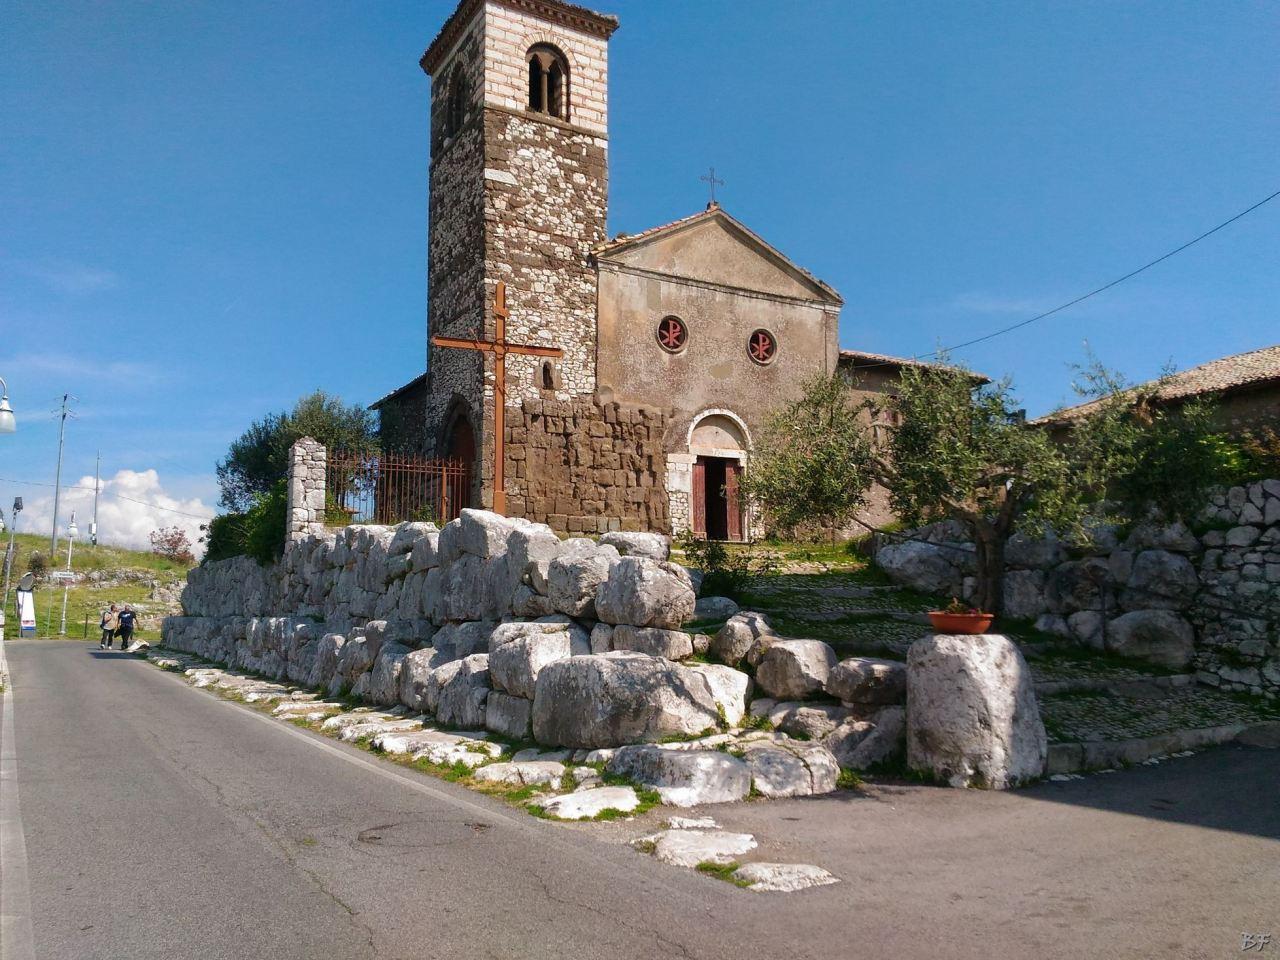 Signia-Mura-Poligonali-Megalitiche-Segni-Roma-Lazio-Italia-28